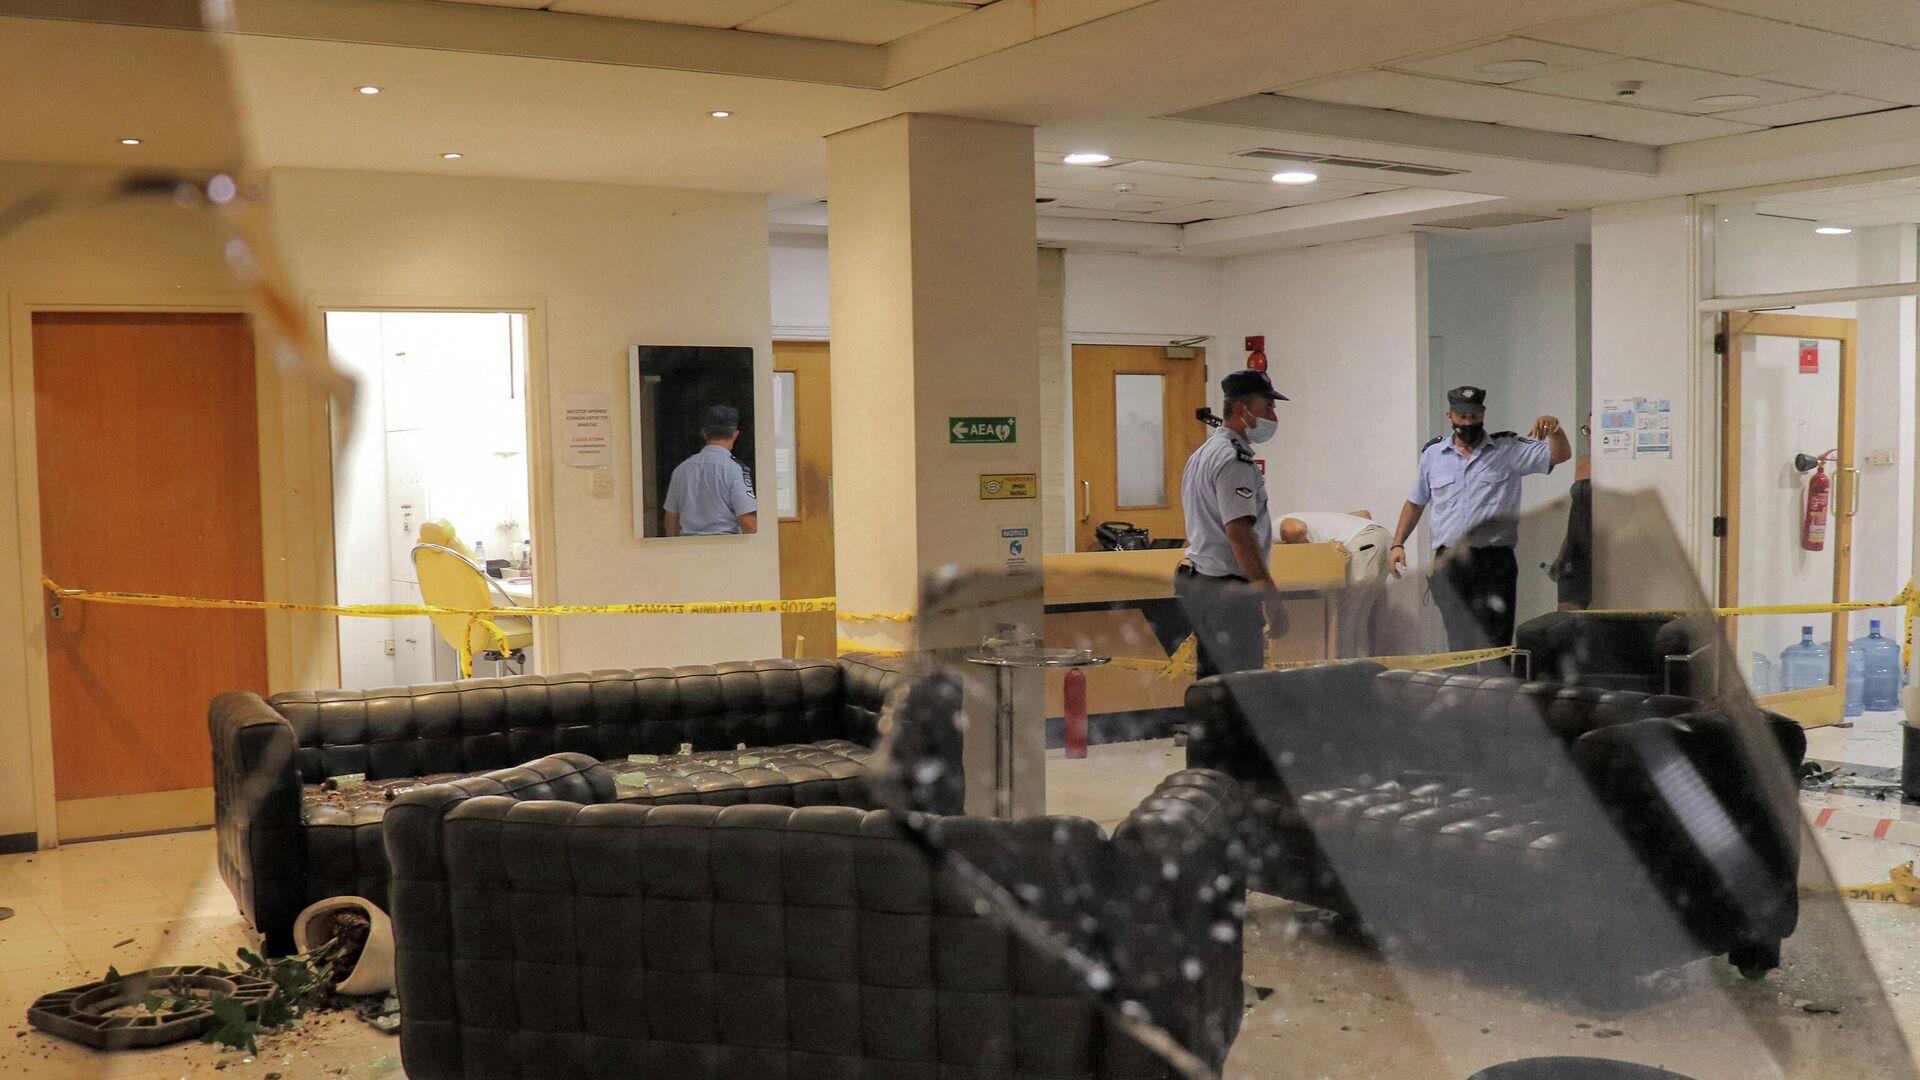 Zyperns Nationalpolizei in der Sigma-Redaktion nach der Attacke am 18. Juli 2021 - SNA, 1920, 19.07.2021